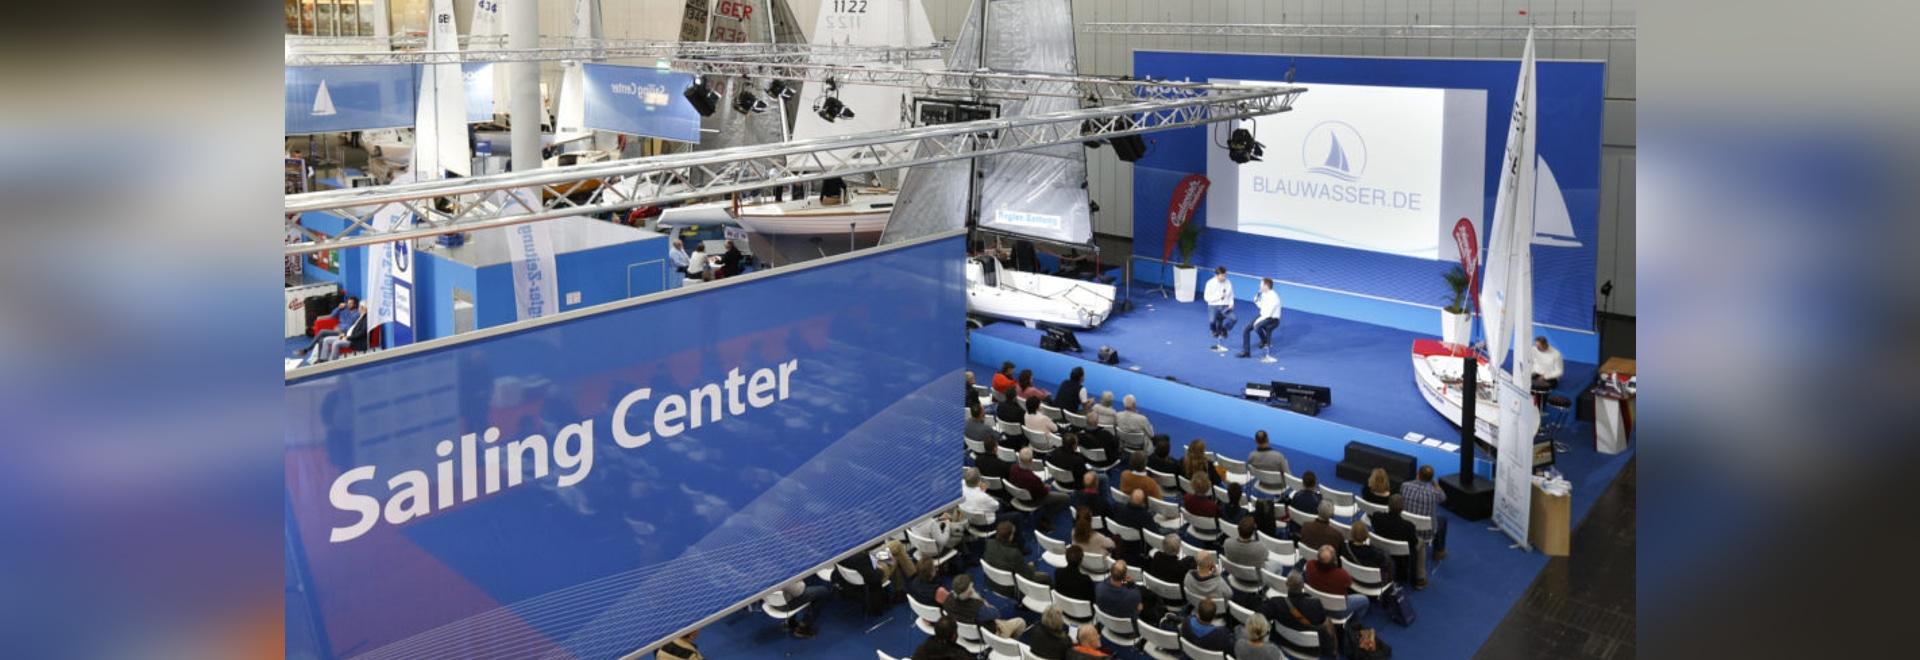 Il Sailing Center presenta leggende, avventure ed esperienze veliche uniche intorno al fascino della vela